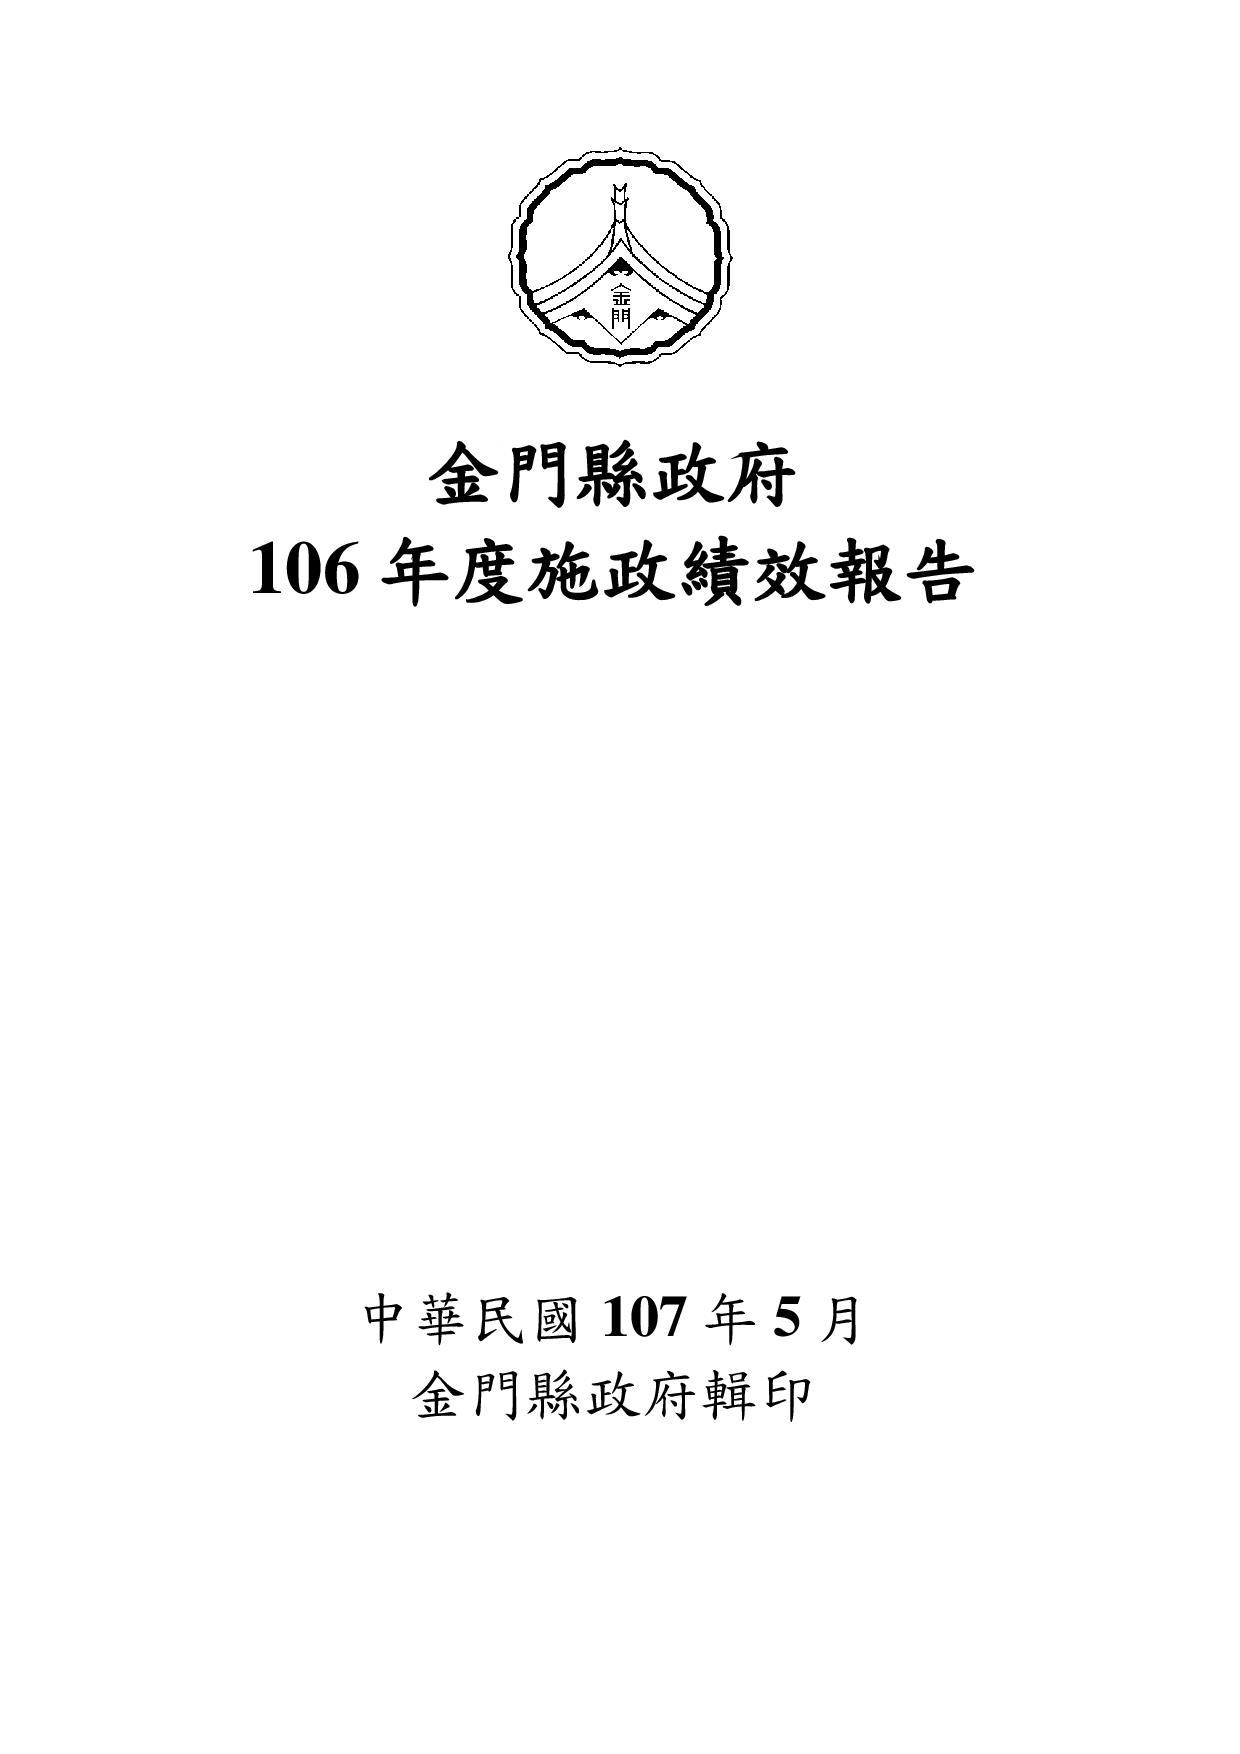 金門縣政府106年度施政計畫績效報告